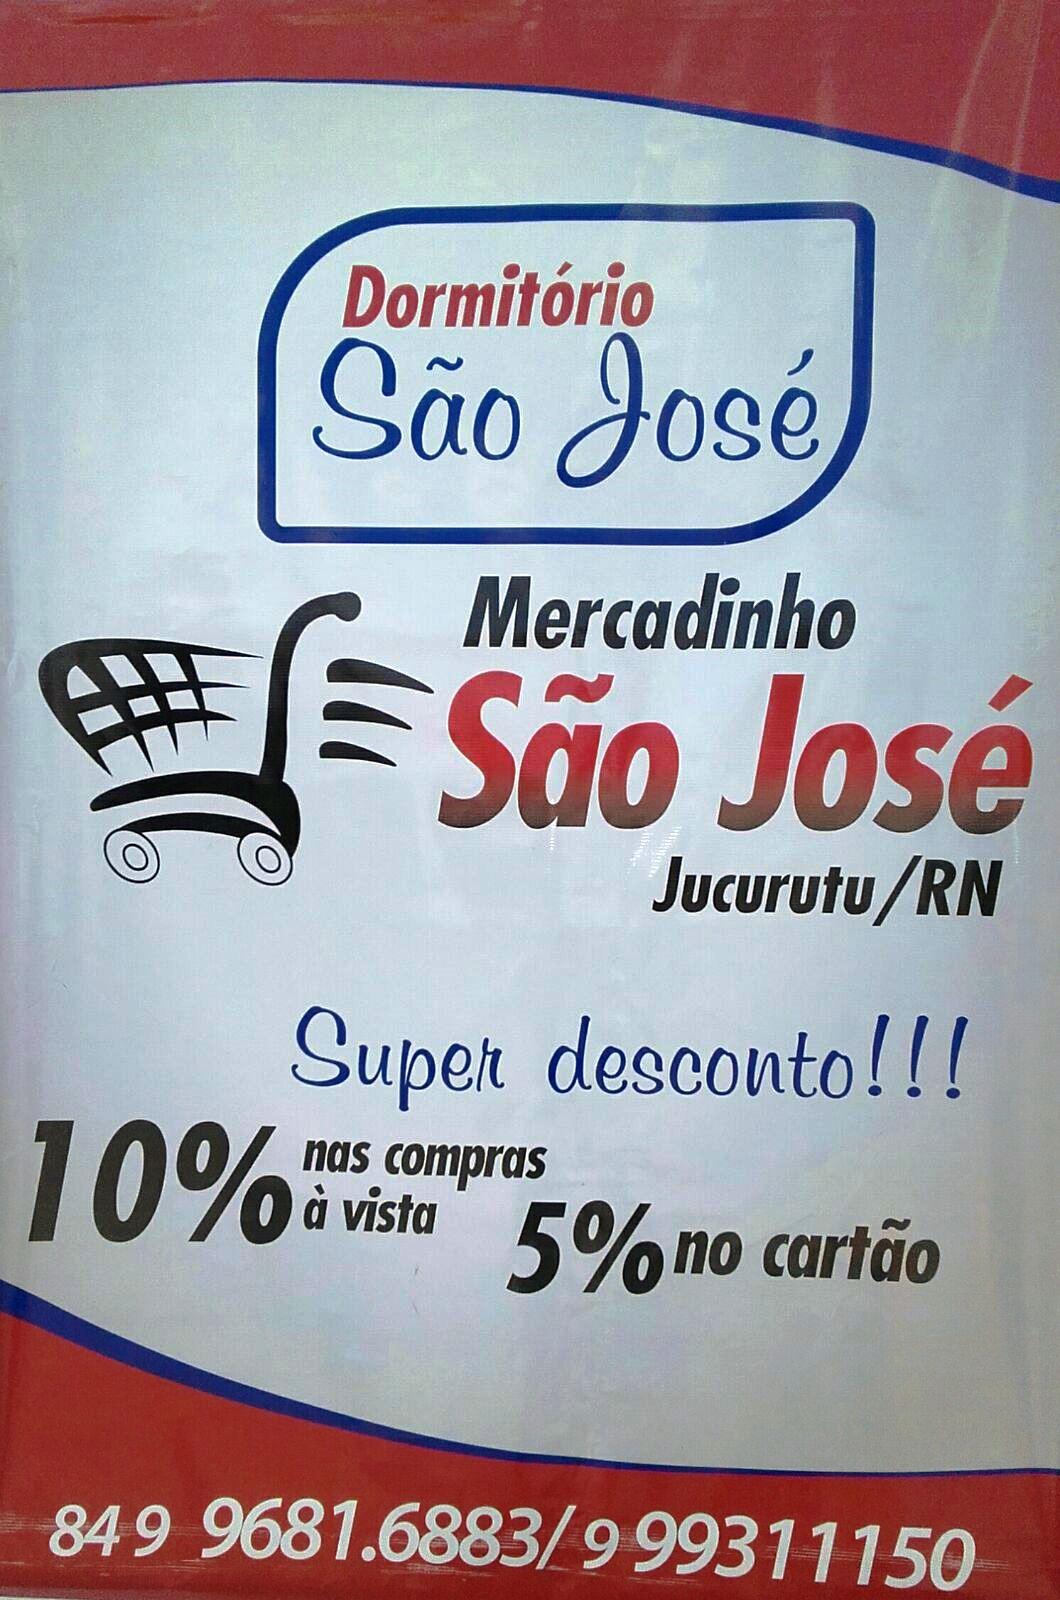 DORMITORIO E MERCADINHO SÃO JOSÉ EM JUCURUTU-RN